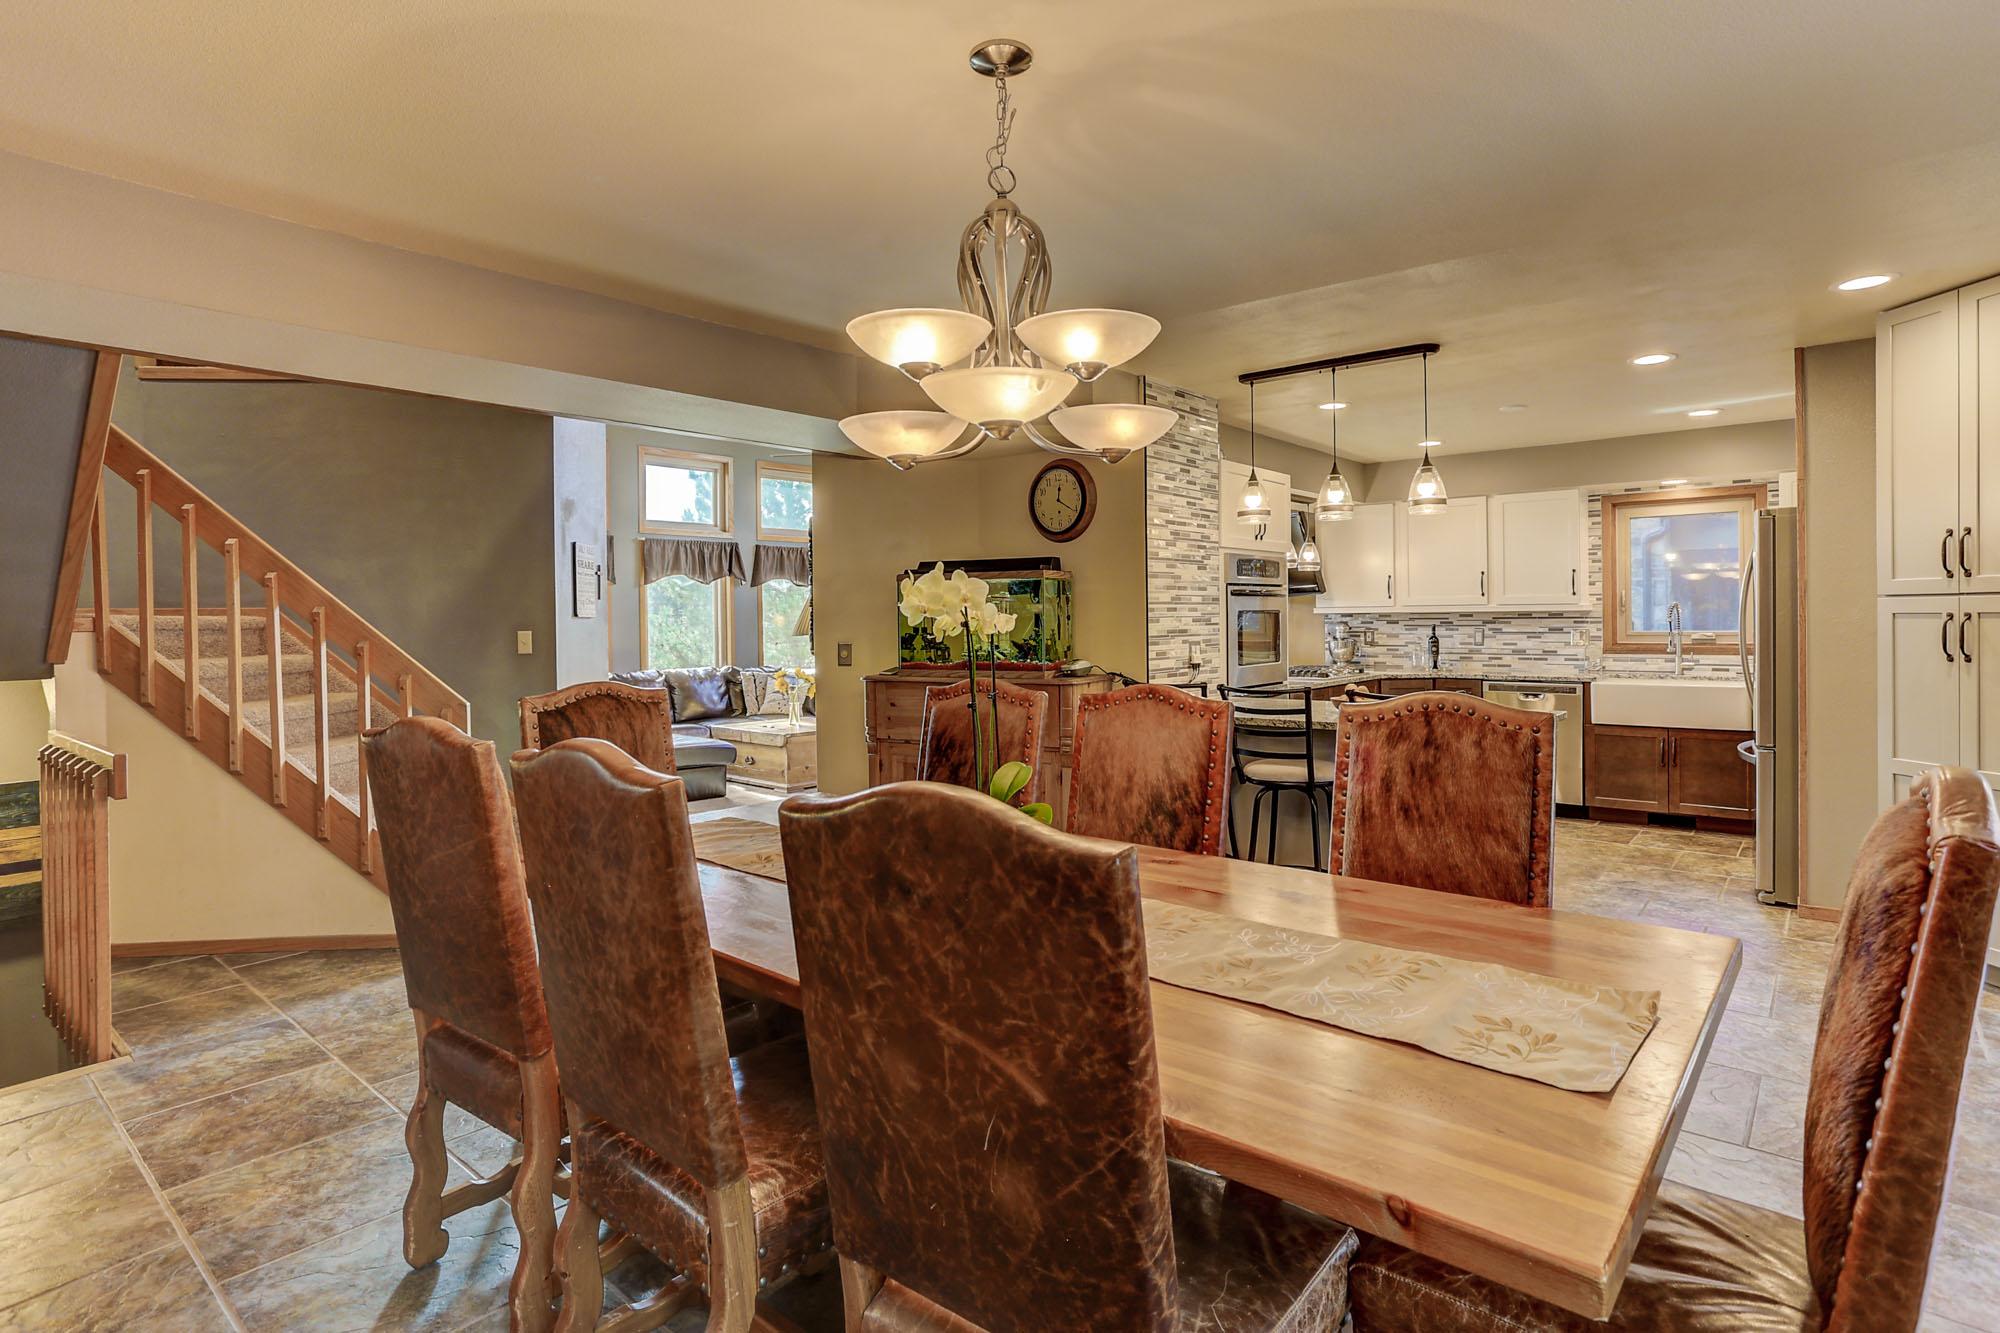 6250 Spurwood Dr Dining room b.jpg